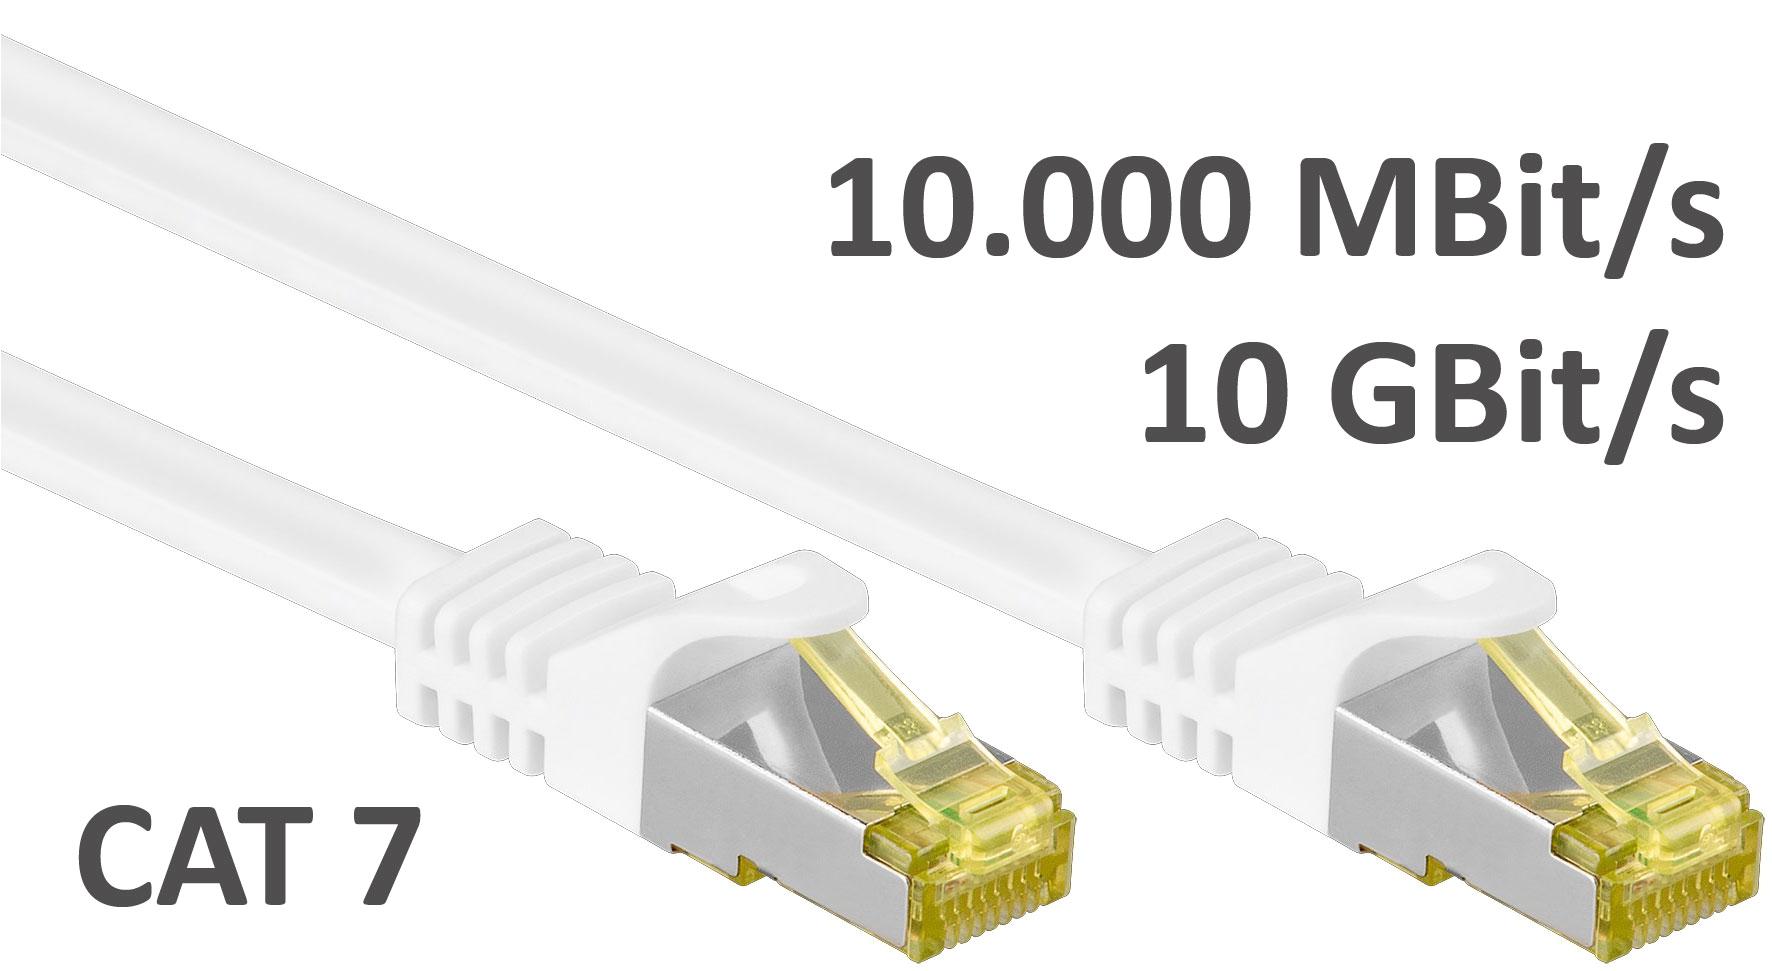 Cat 7 Ethernet Cable Wiring Diagram Kab24a Rj45 Patchkabel Weiss Netzwerkkabel Computerkabel Cat 7 Rohkabel 600 Mhz Halogenfrei 10 Gbit S Reines Kupfer